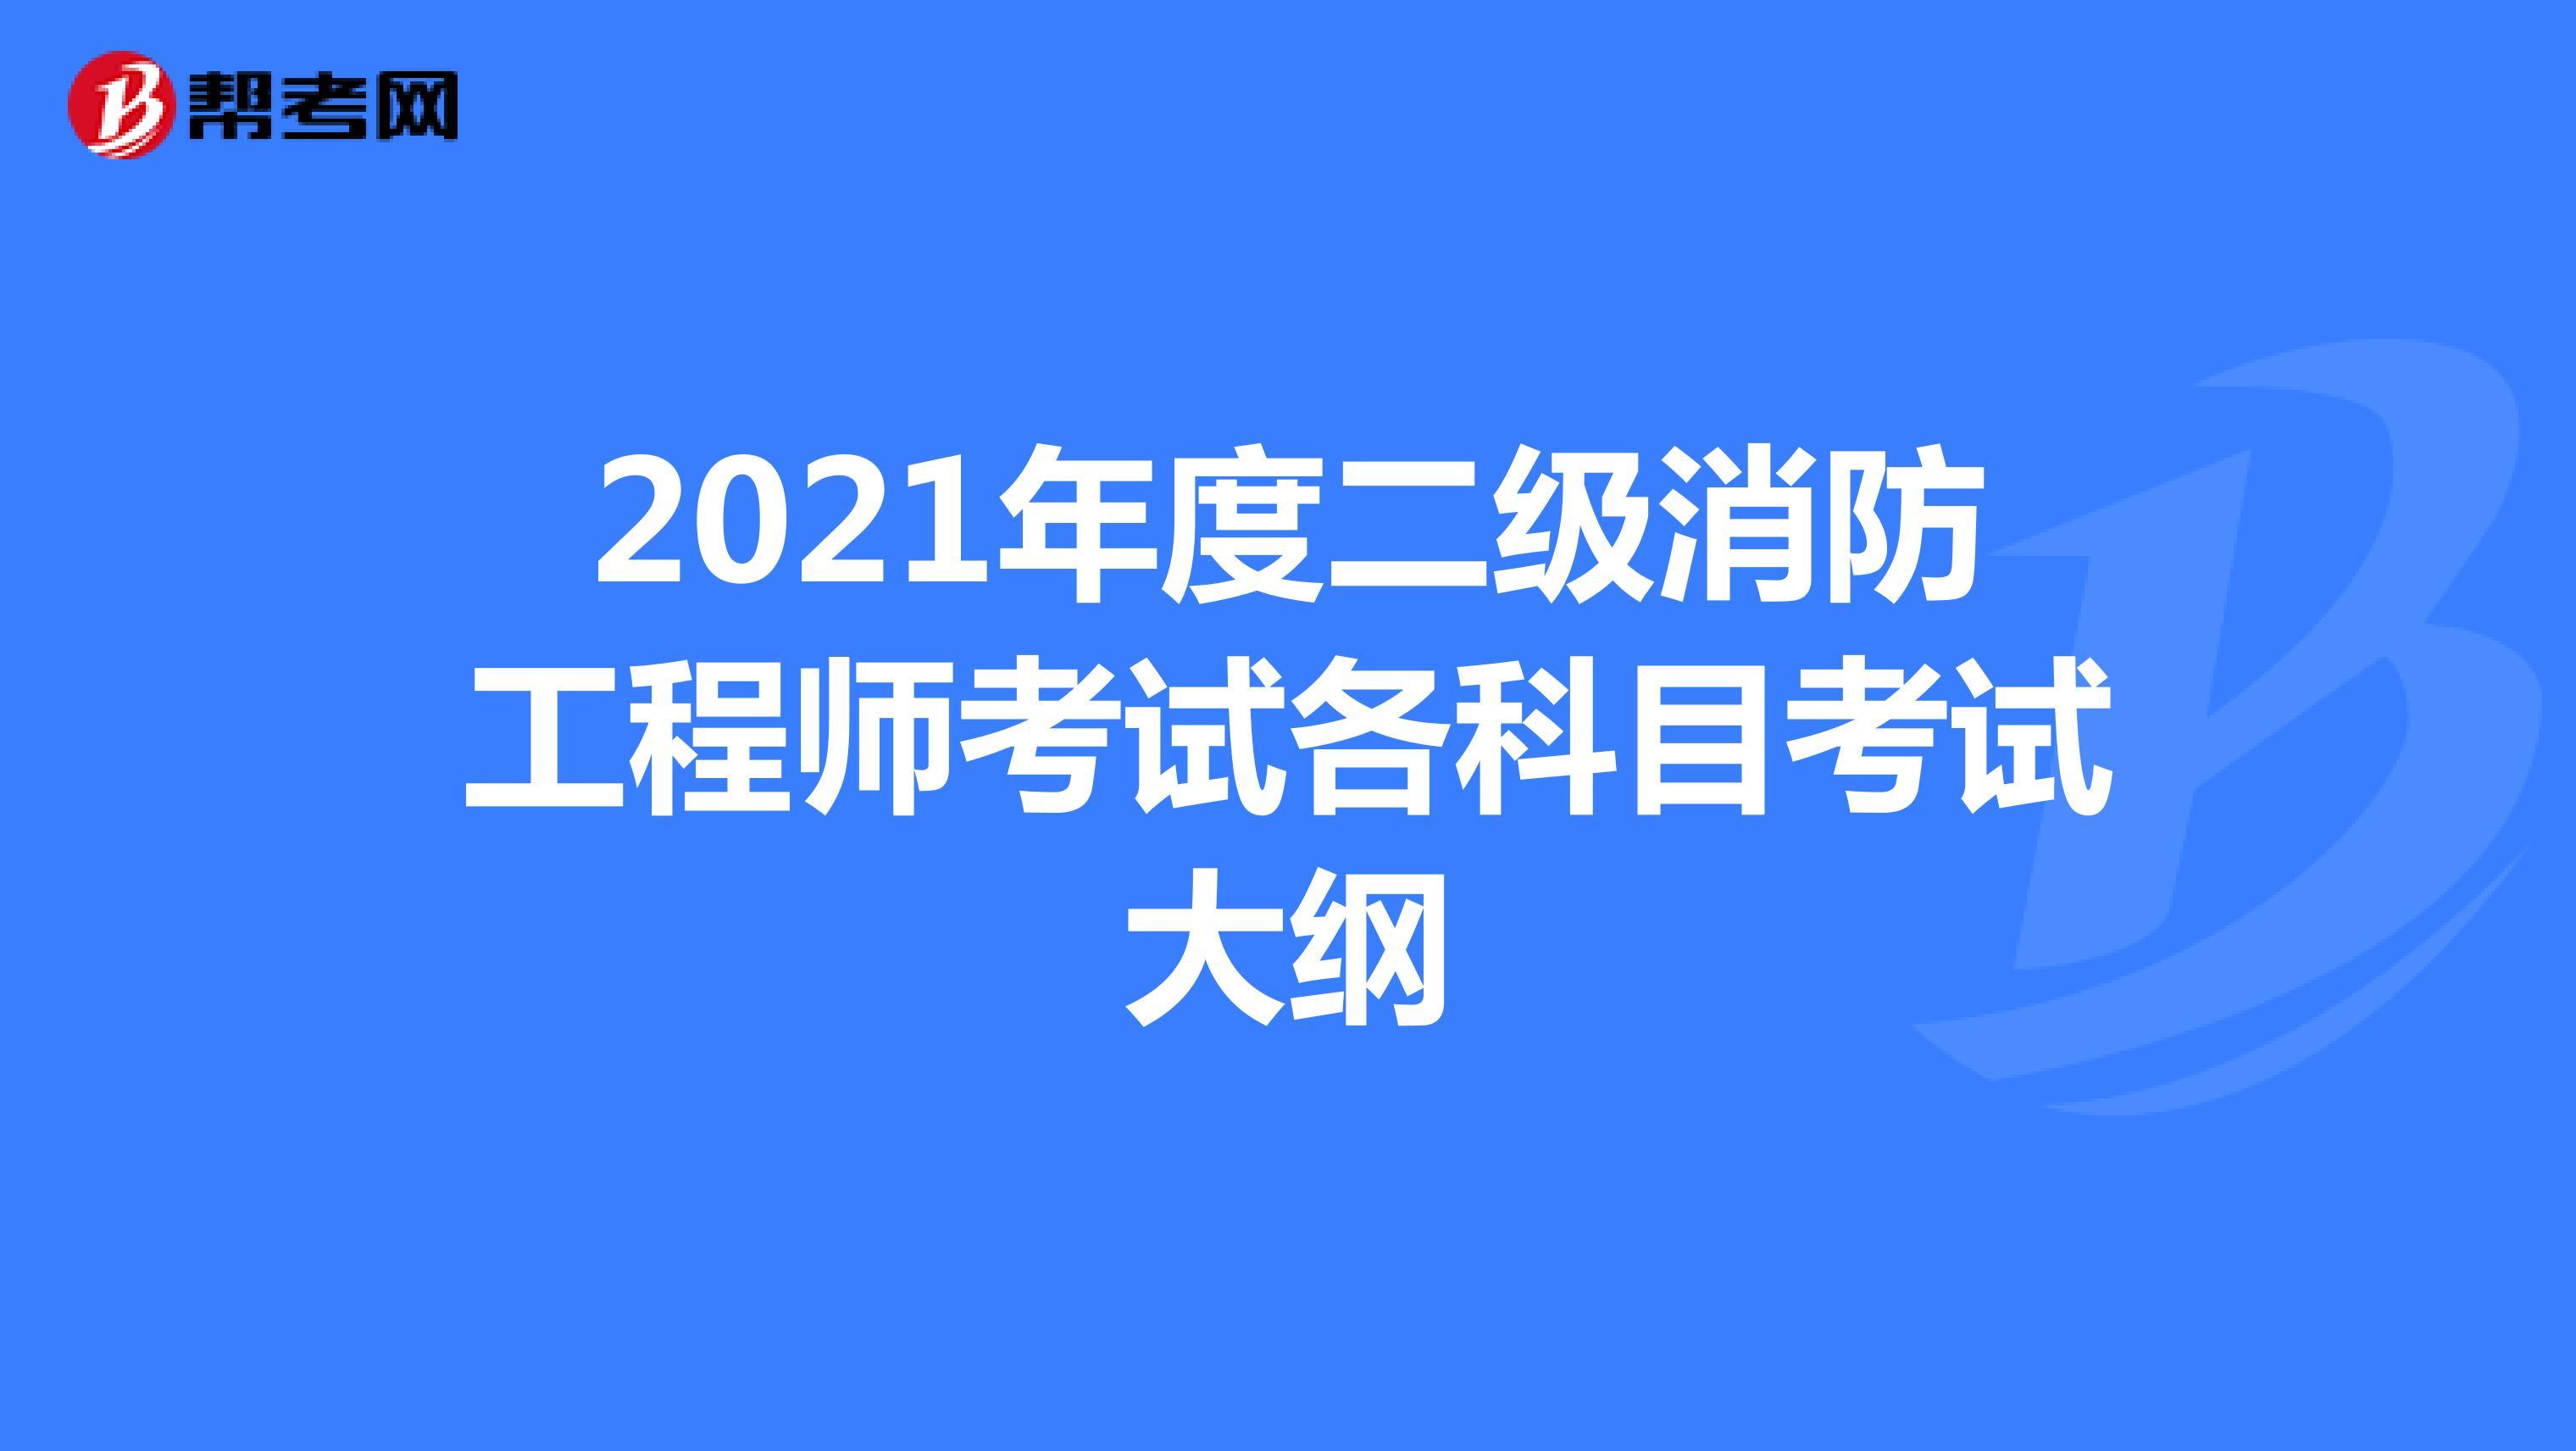 2021年度二级消防工程师考试各科目考试大纲